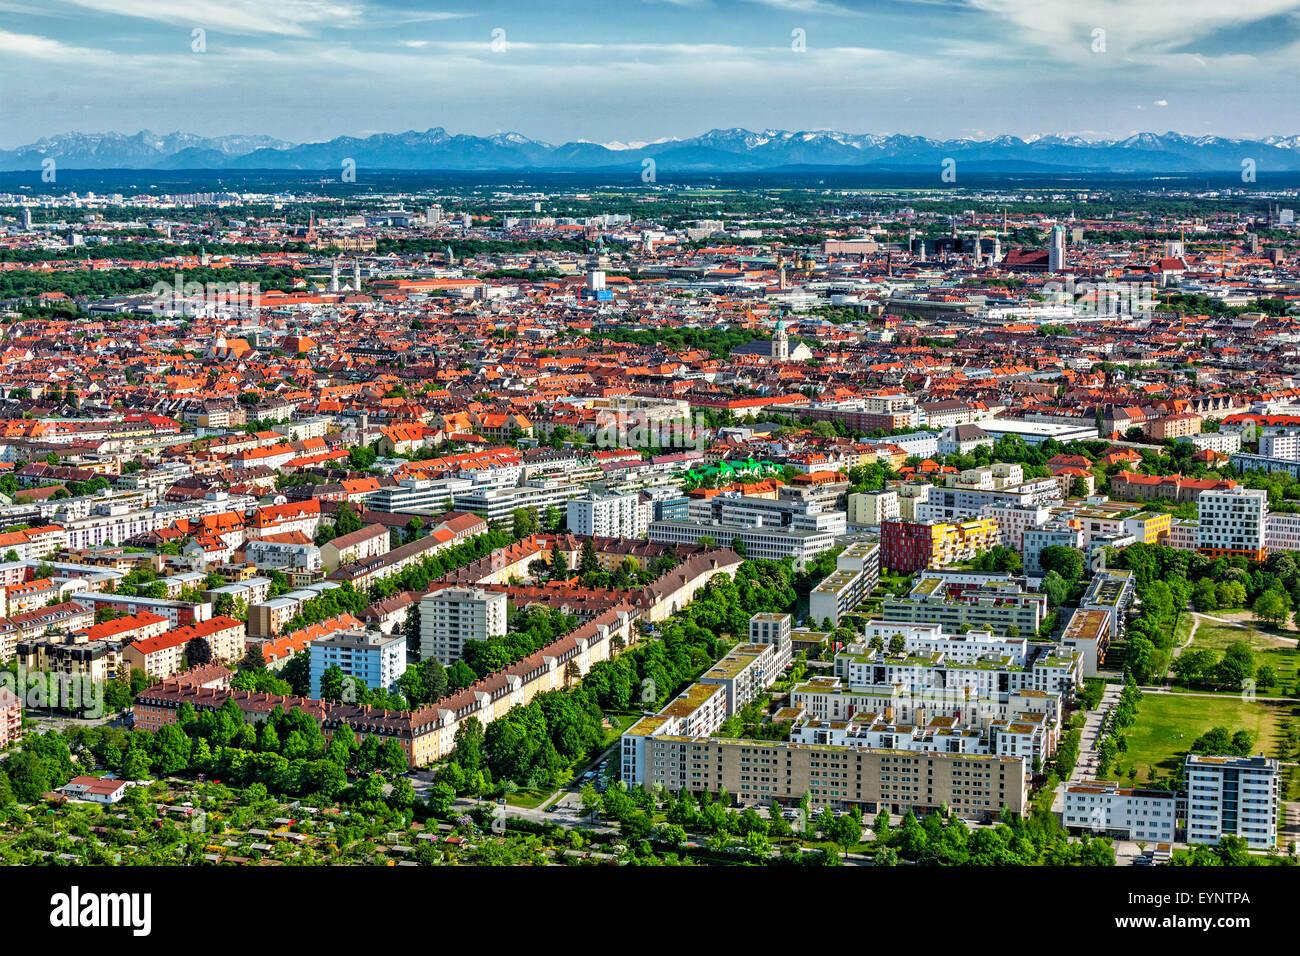 Vue aérienne de Munich. Munich, Bavière, Allemagne Photo Stock